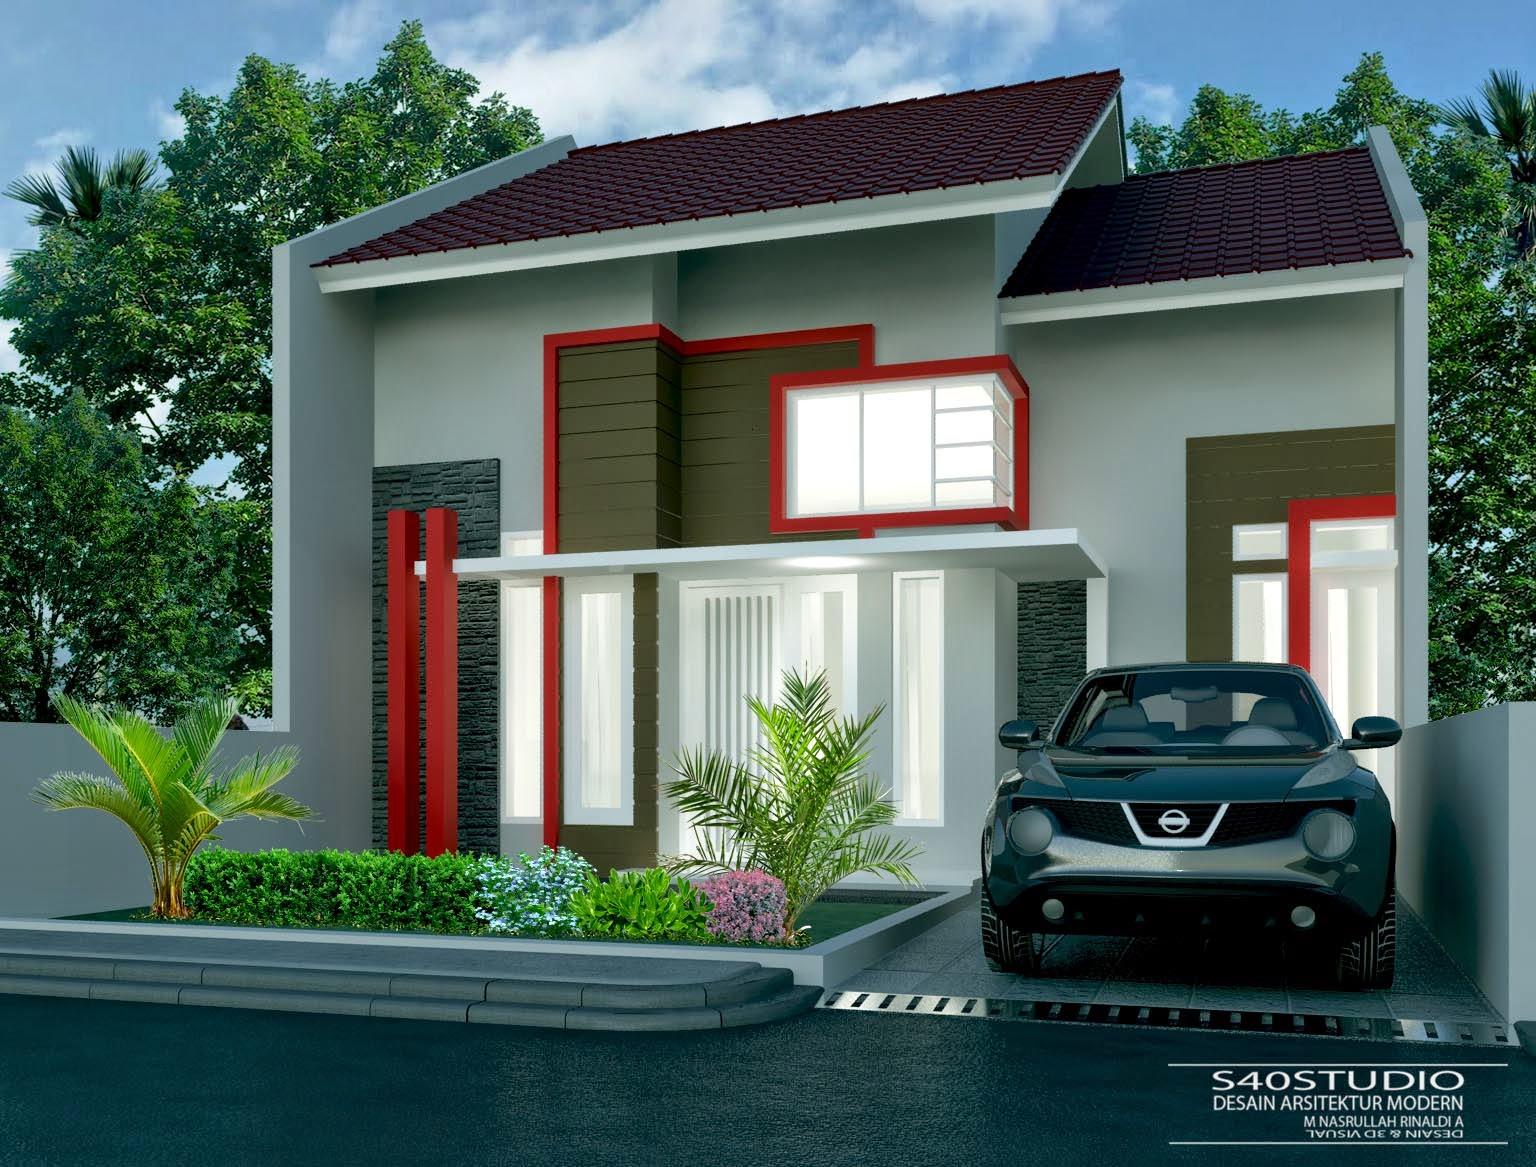 Desain Rumah  Meter Desain Rumah Minimalis Modern Sstudio